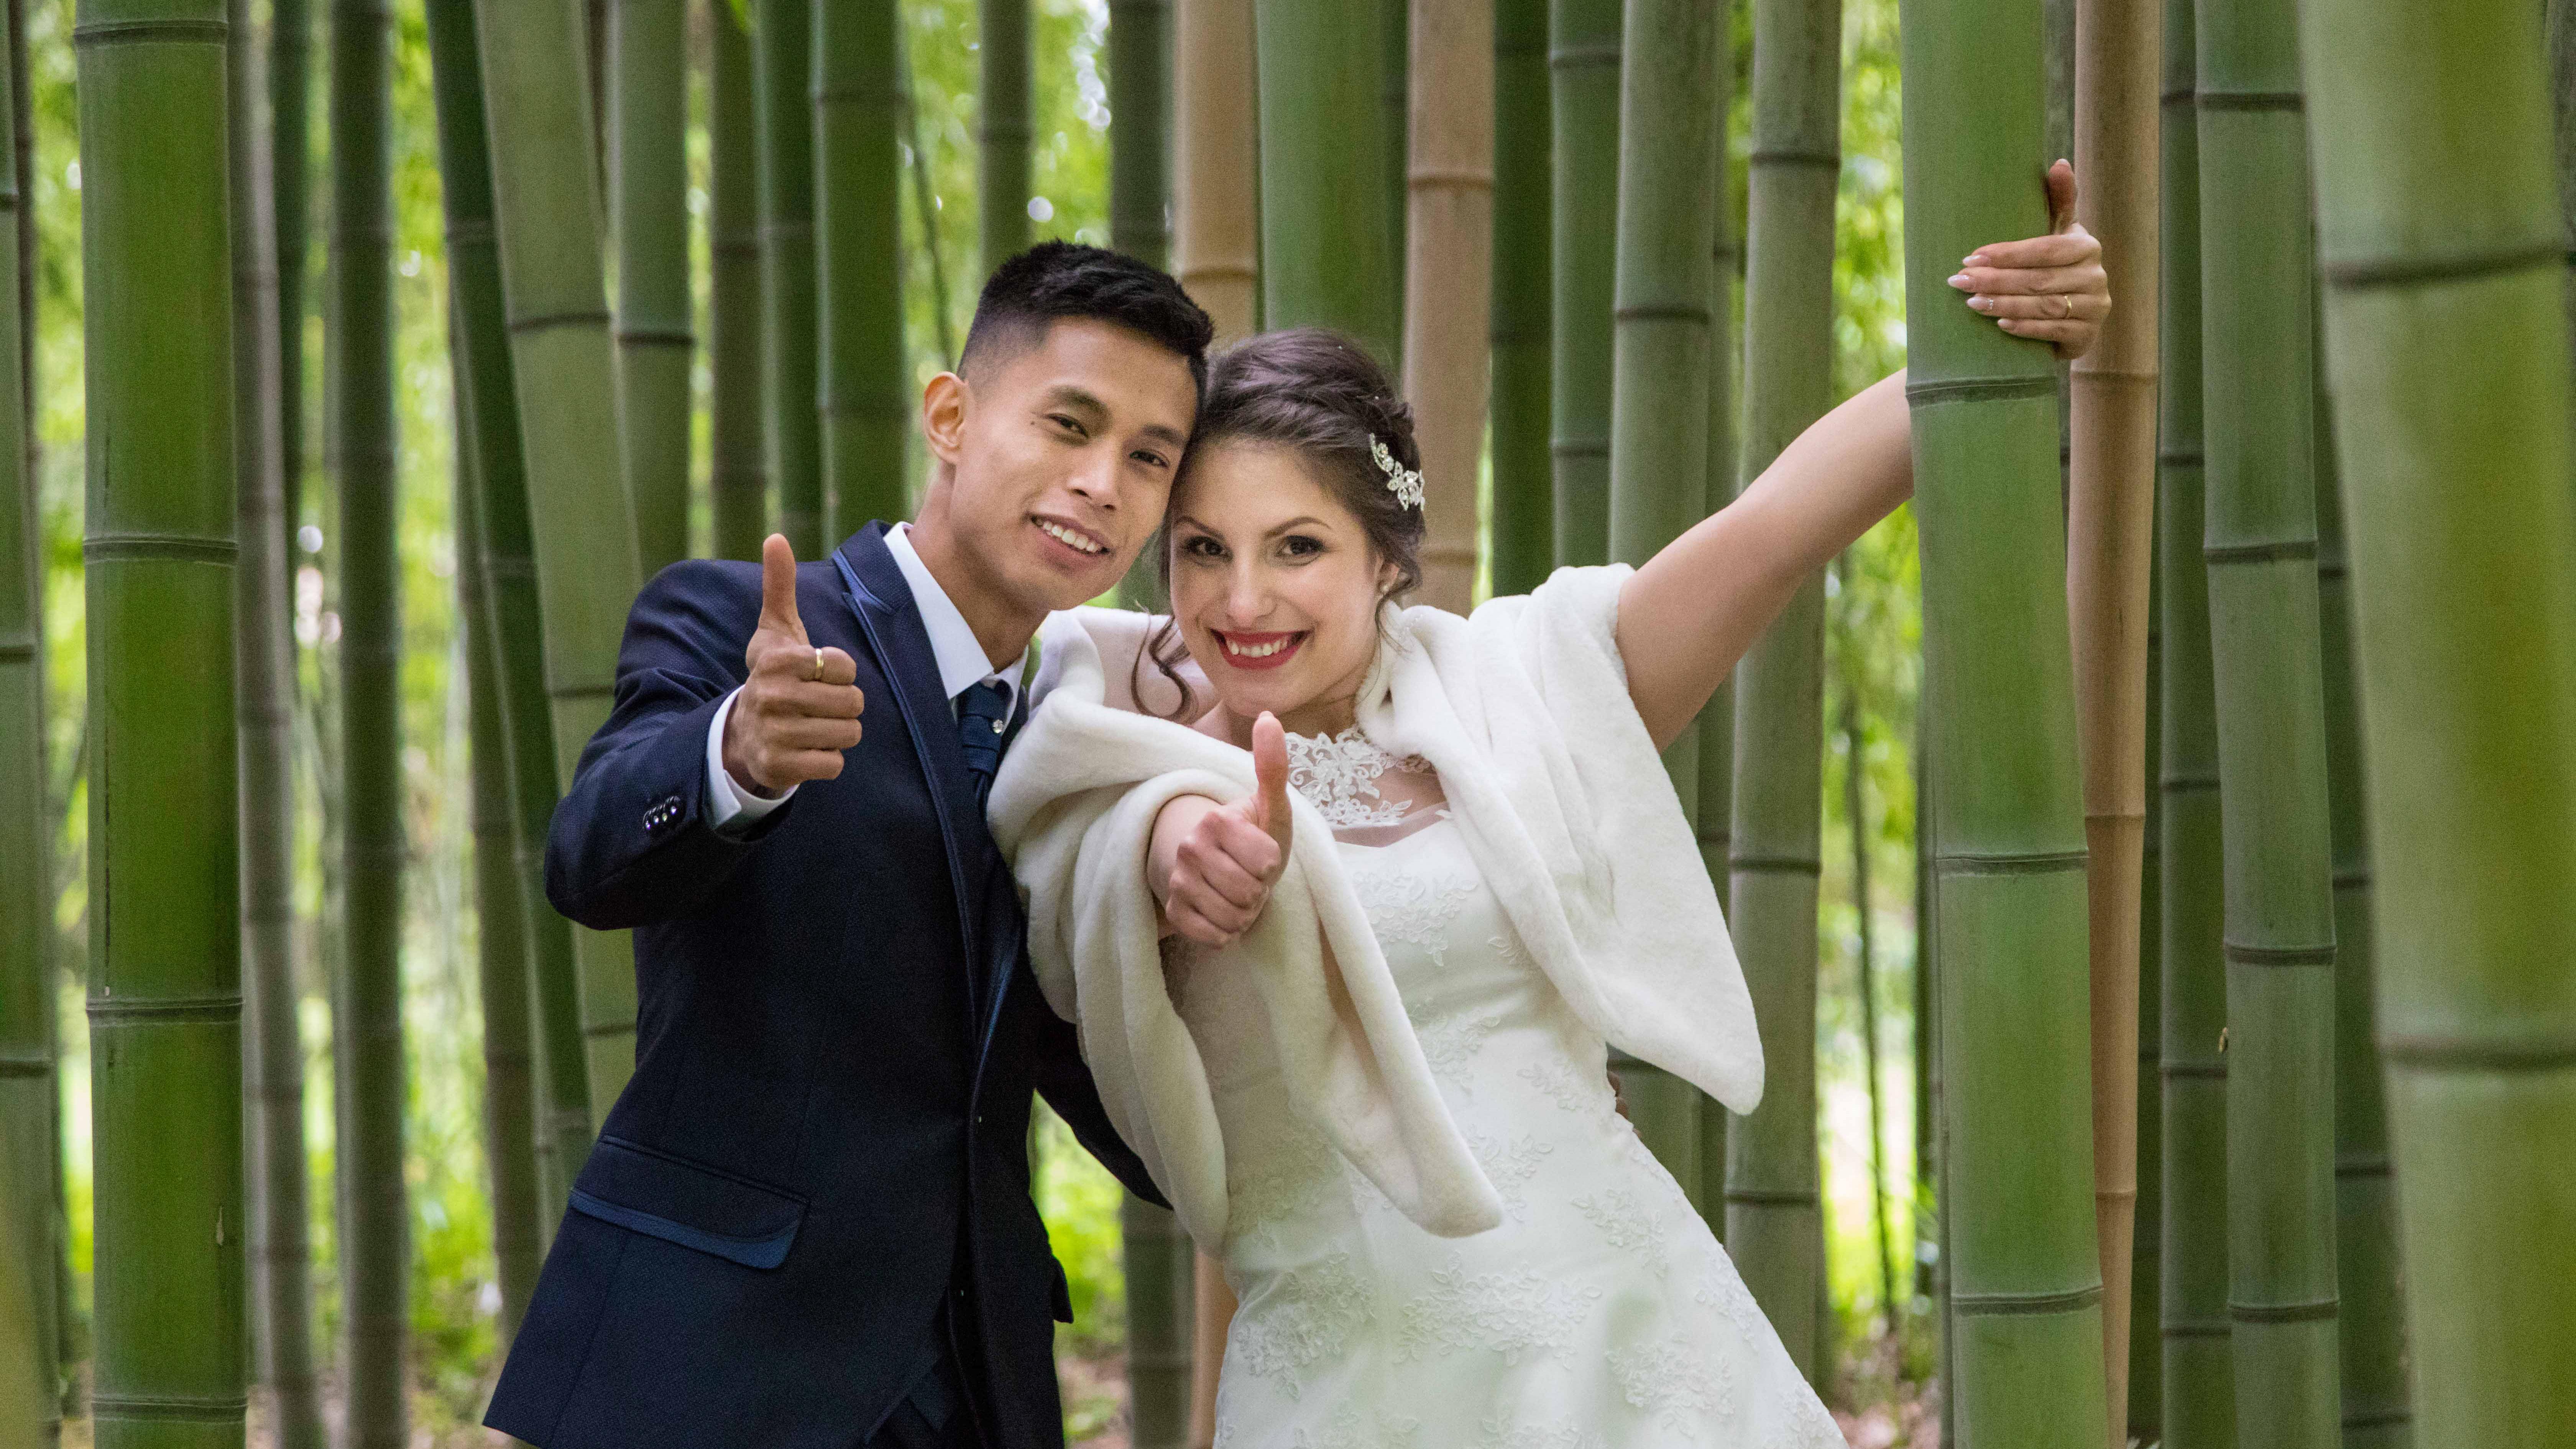 Matrimonio_Sito-23